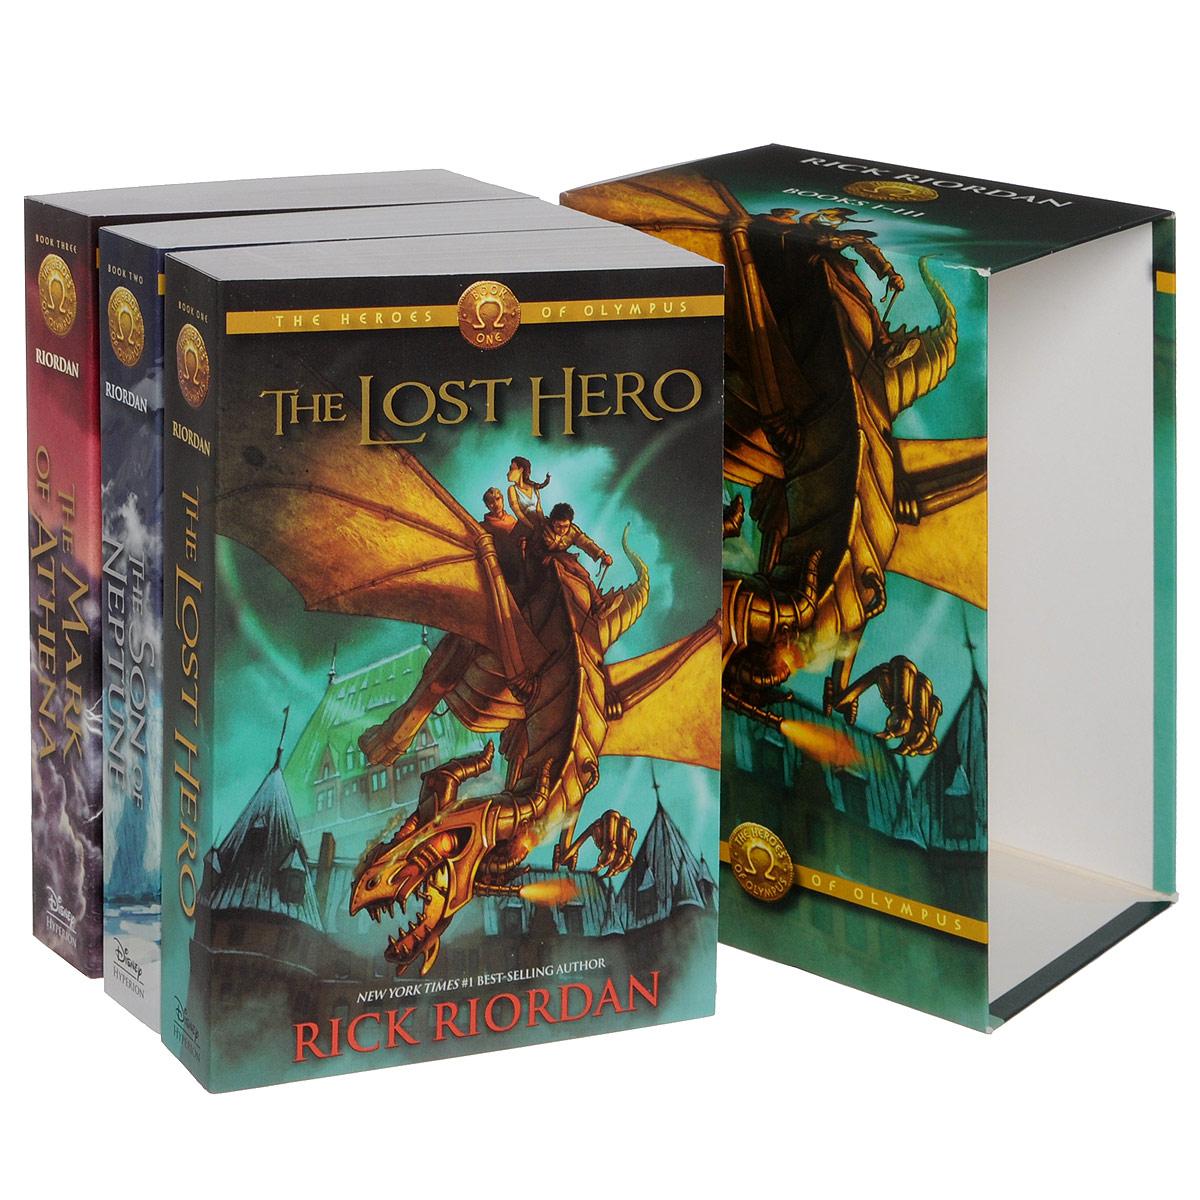 Heroes of Olympus (Books I-III)